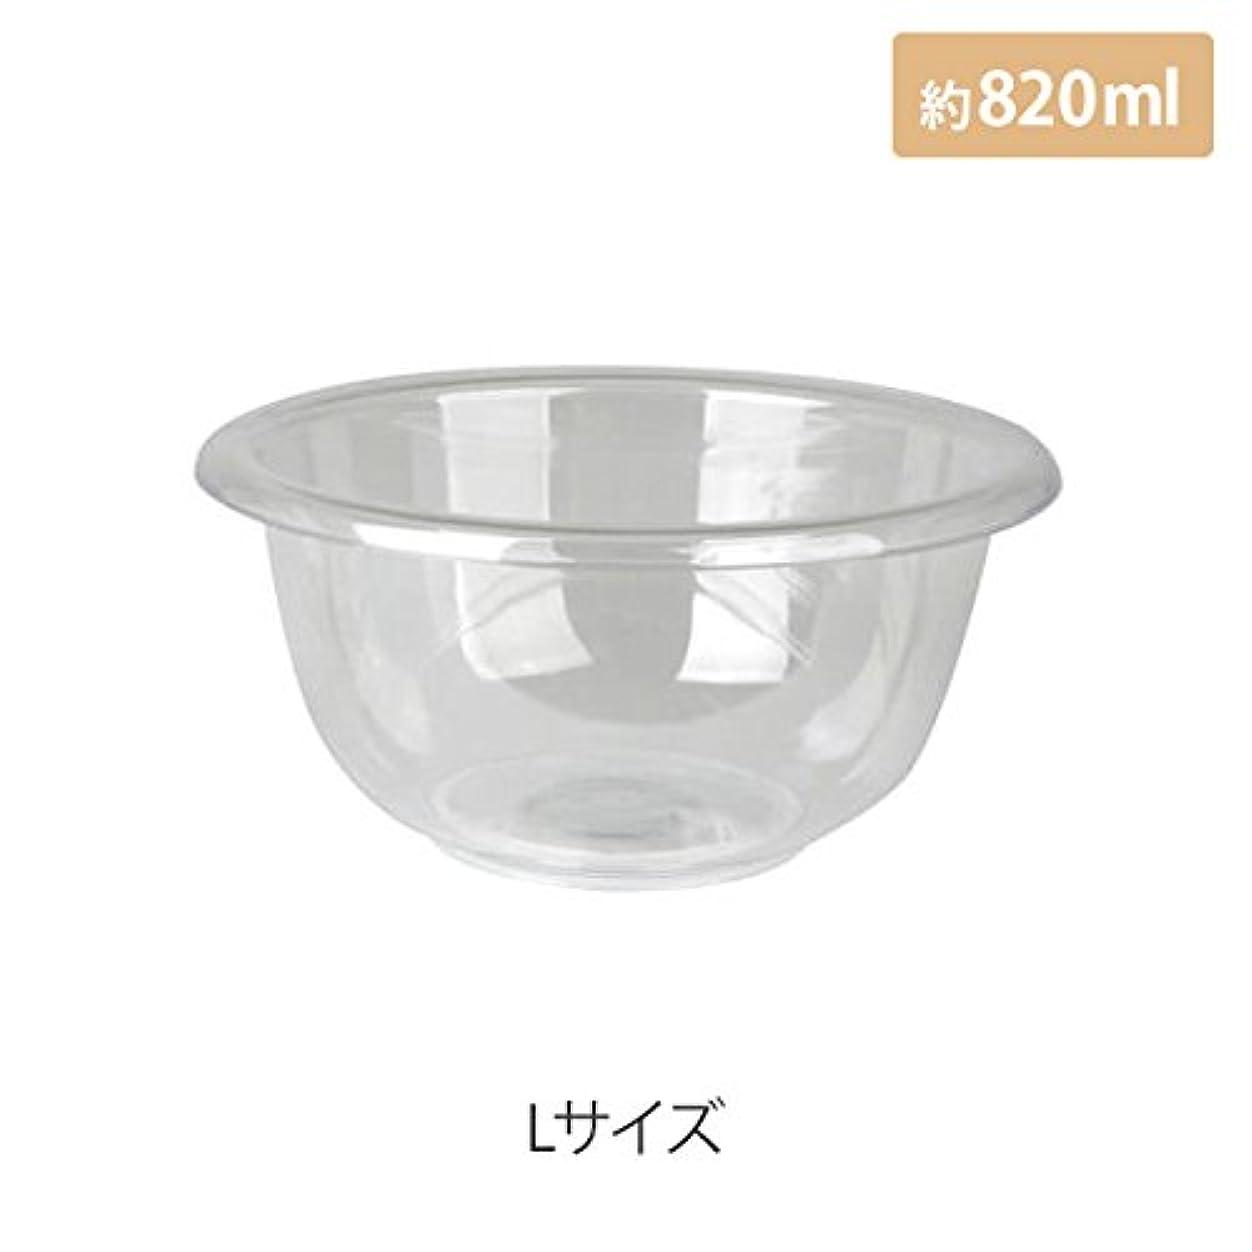 権利を与える使い込むソースマイスター プラスティックボウル (Lサイズ) クリア 直径19.5cm [ プラスチックボール カップボウル カップボール エステ サロン プラスチック ボウル カップ 割れない ]